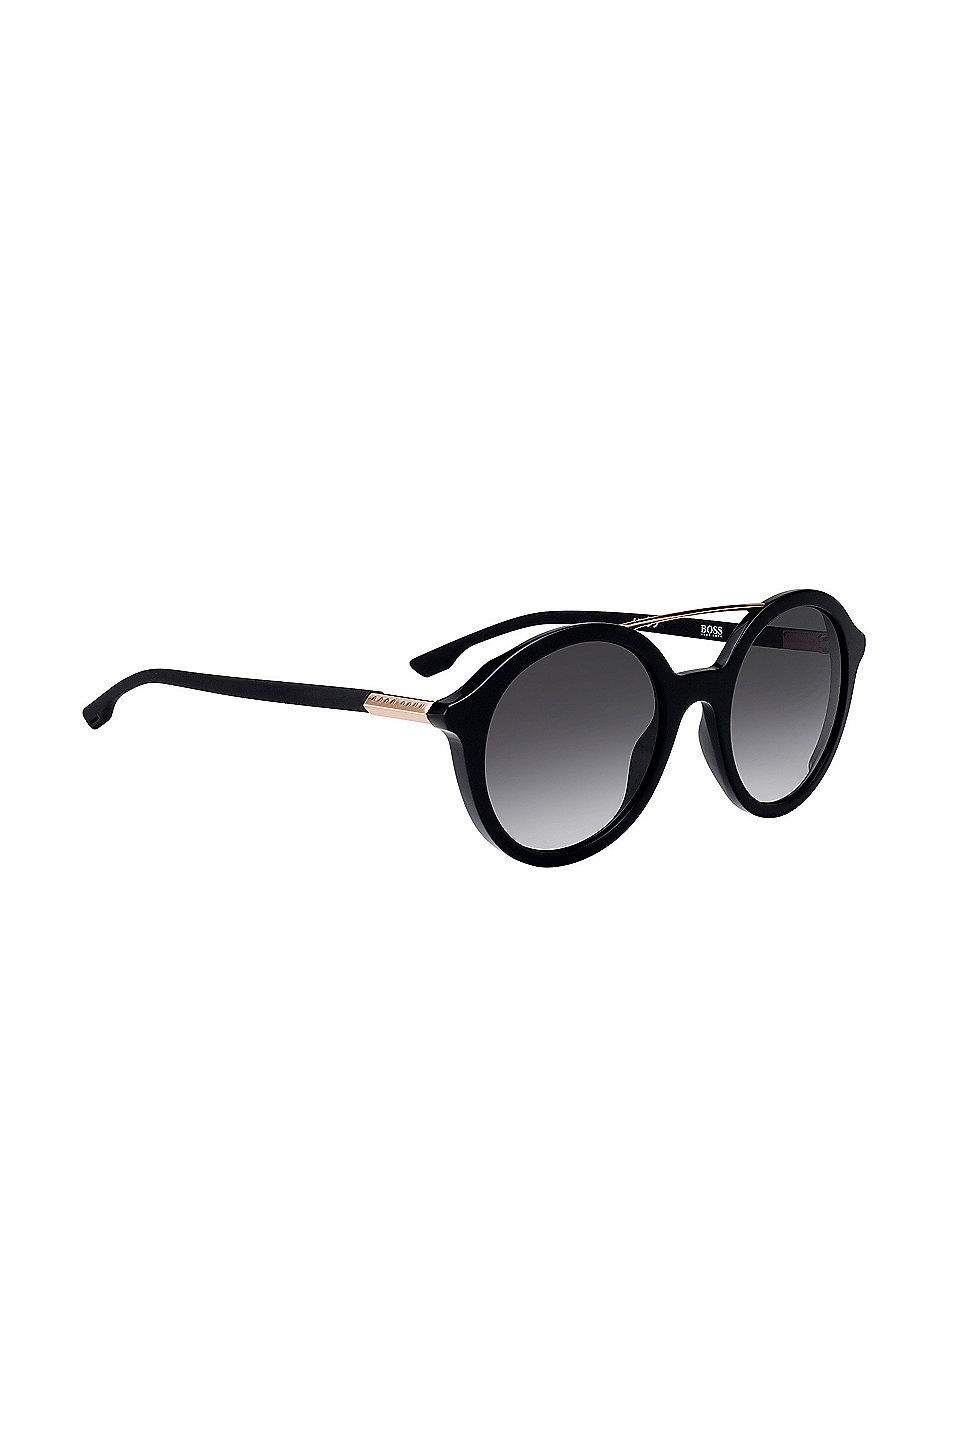 Sonnenbrille mit Acetatrahmen und Doppelsteg 5r8iCq6